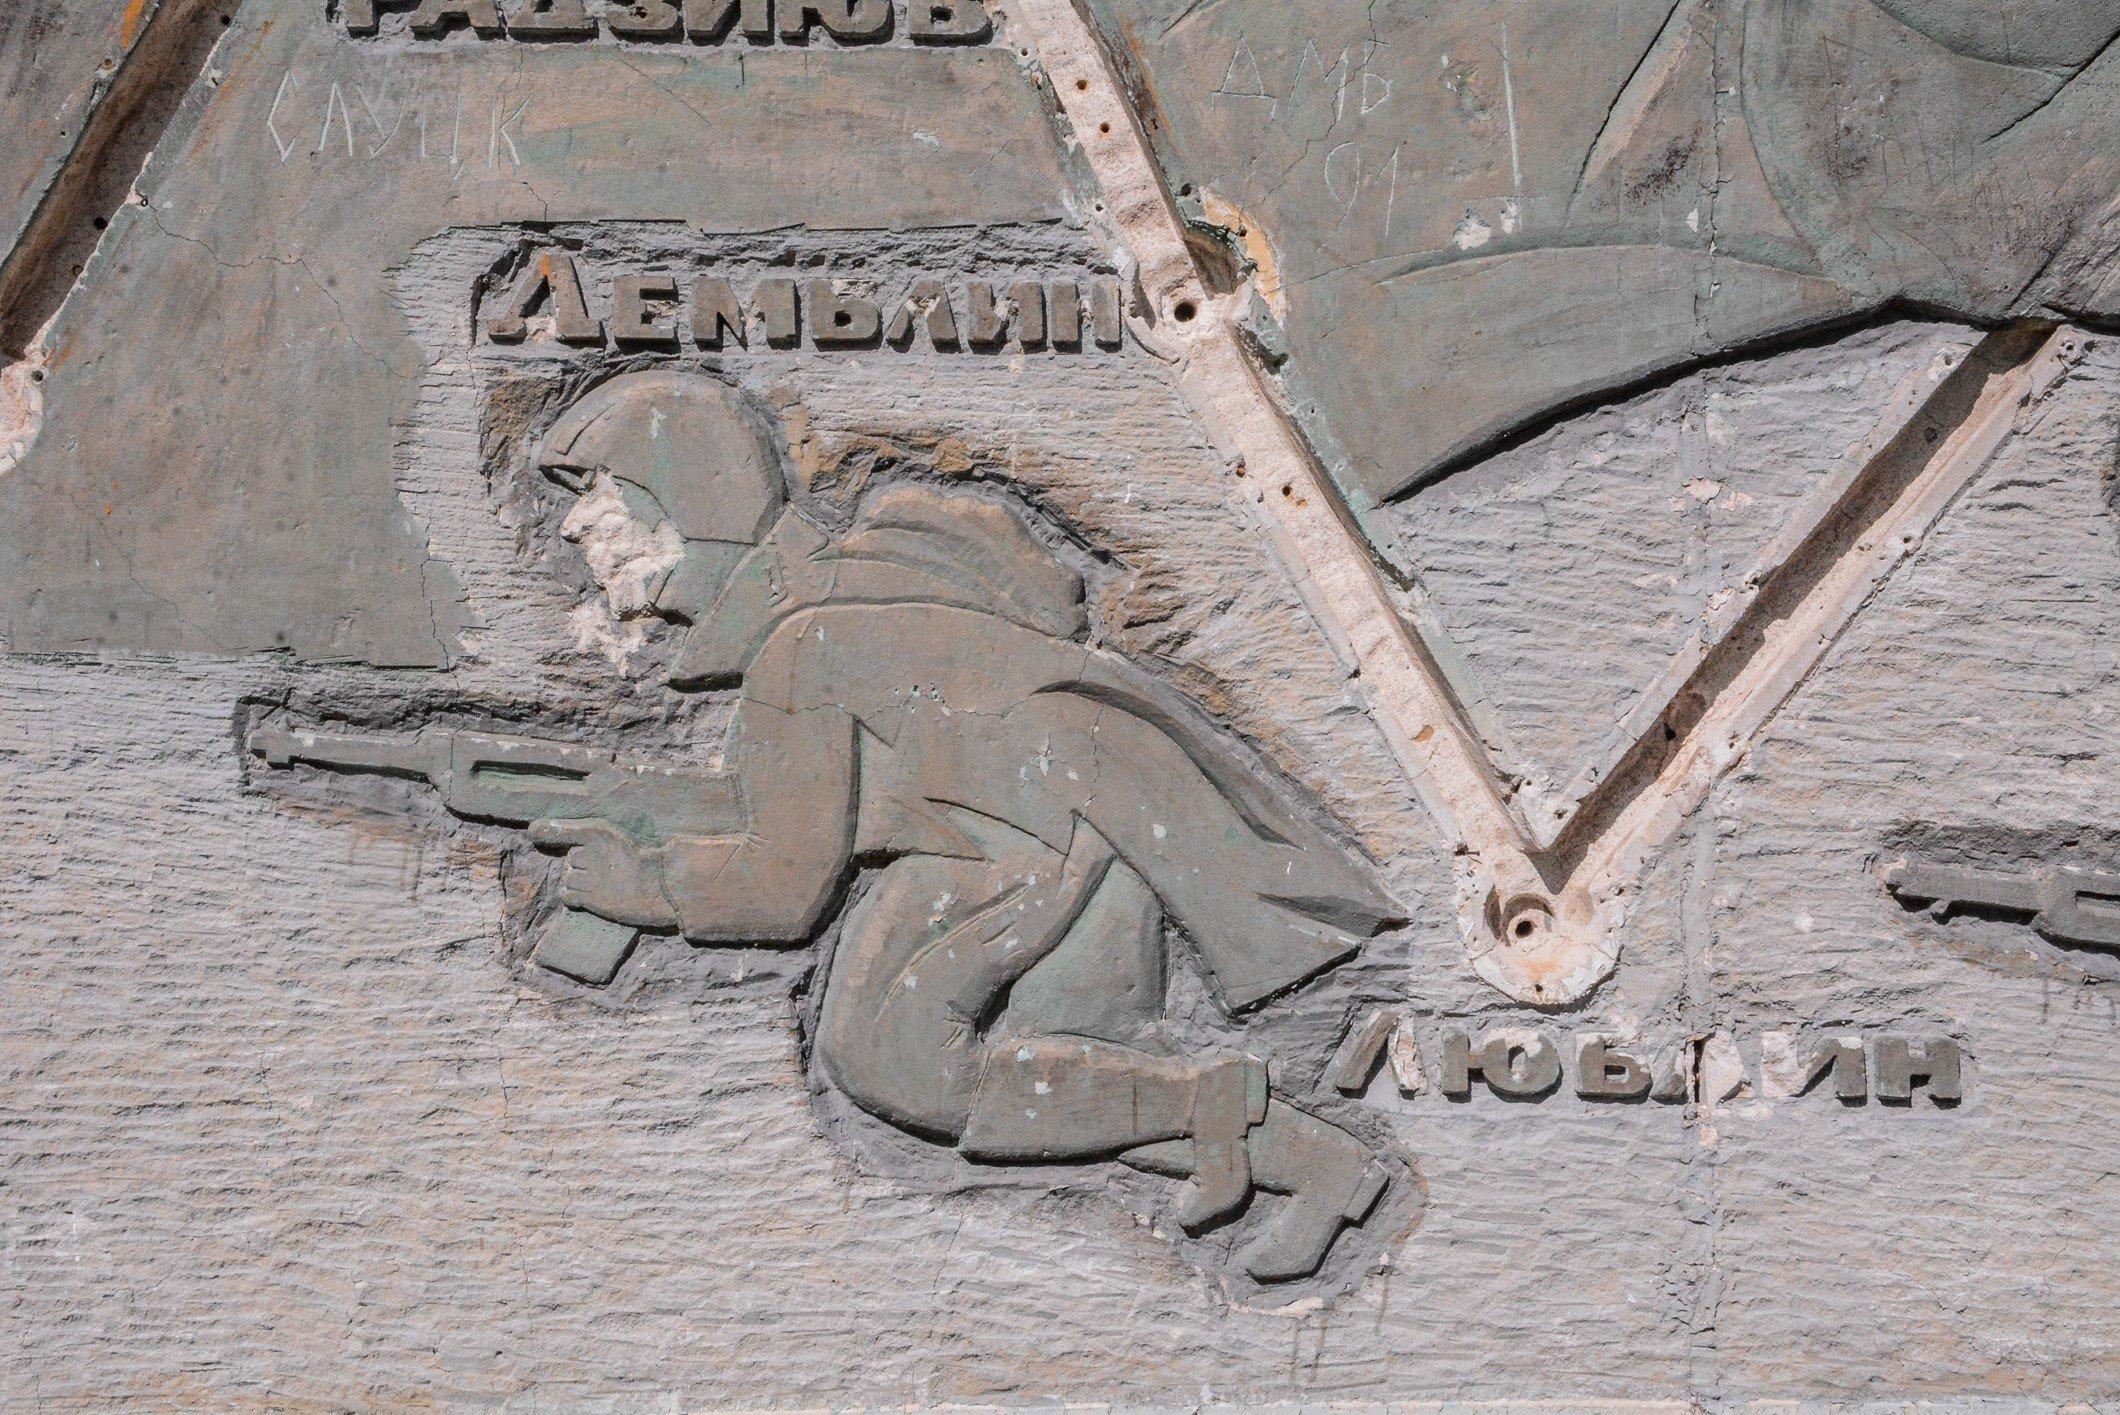 soviet soldier ppsh-41 soviet war memorial sowjetisches ehrenmal fürstenberg drögen brandenburg deutschland lost places urbex abandoned